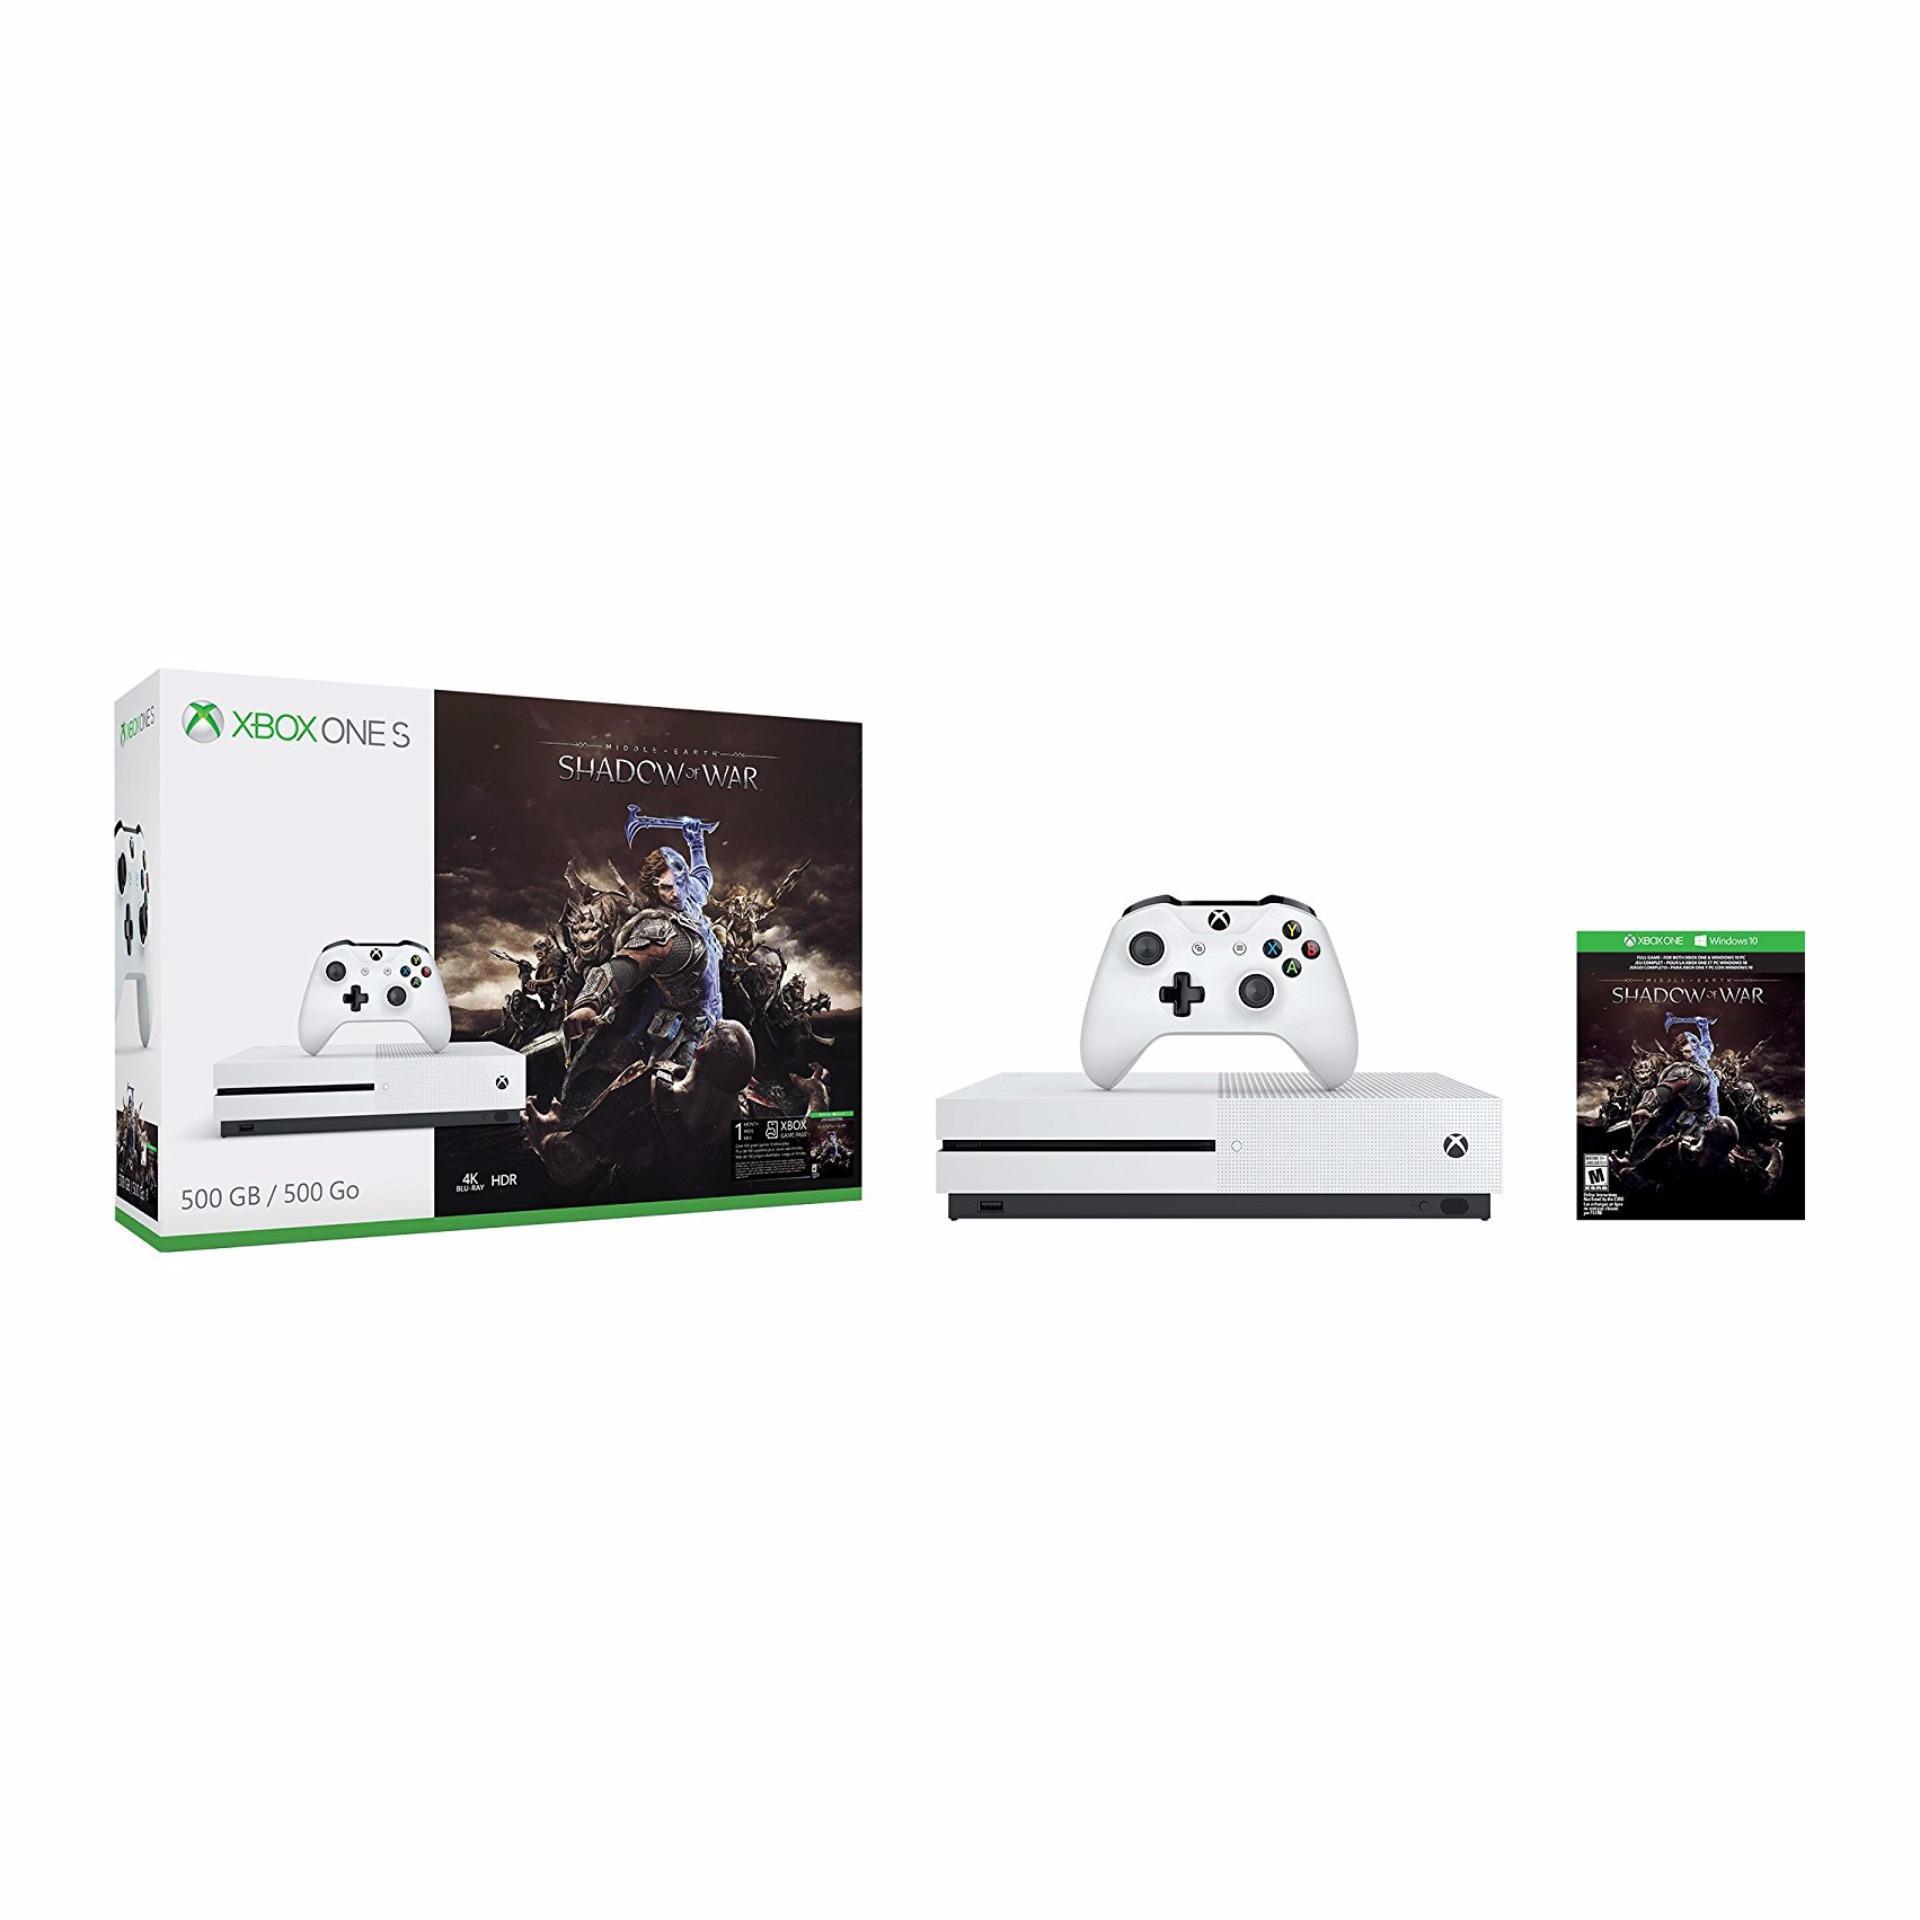 Trang bán Máy Xbox One S 500GB Console – Middle Earth Shadow of War Bundle (hàng nhập khẩu)